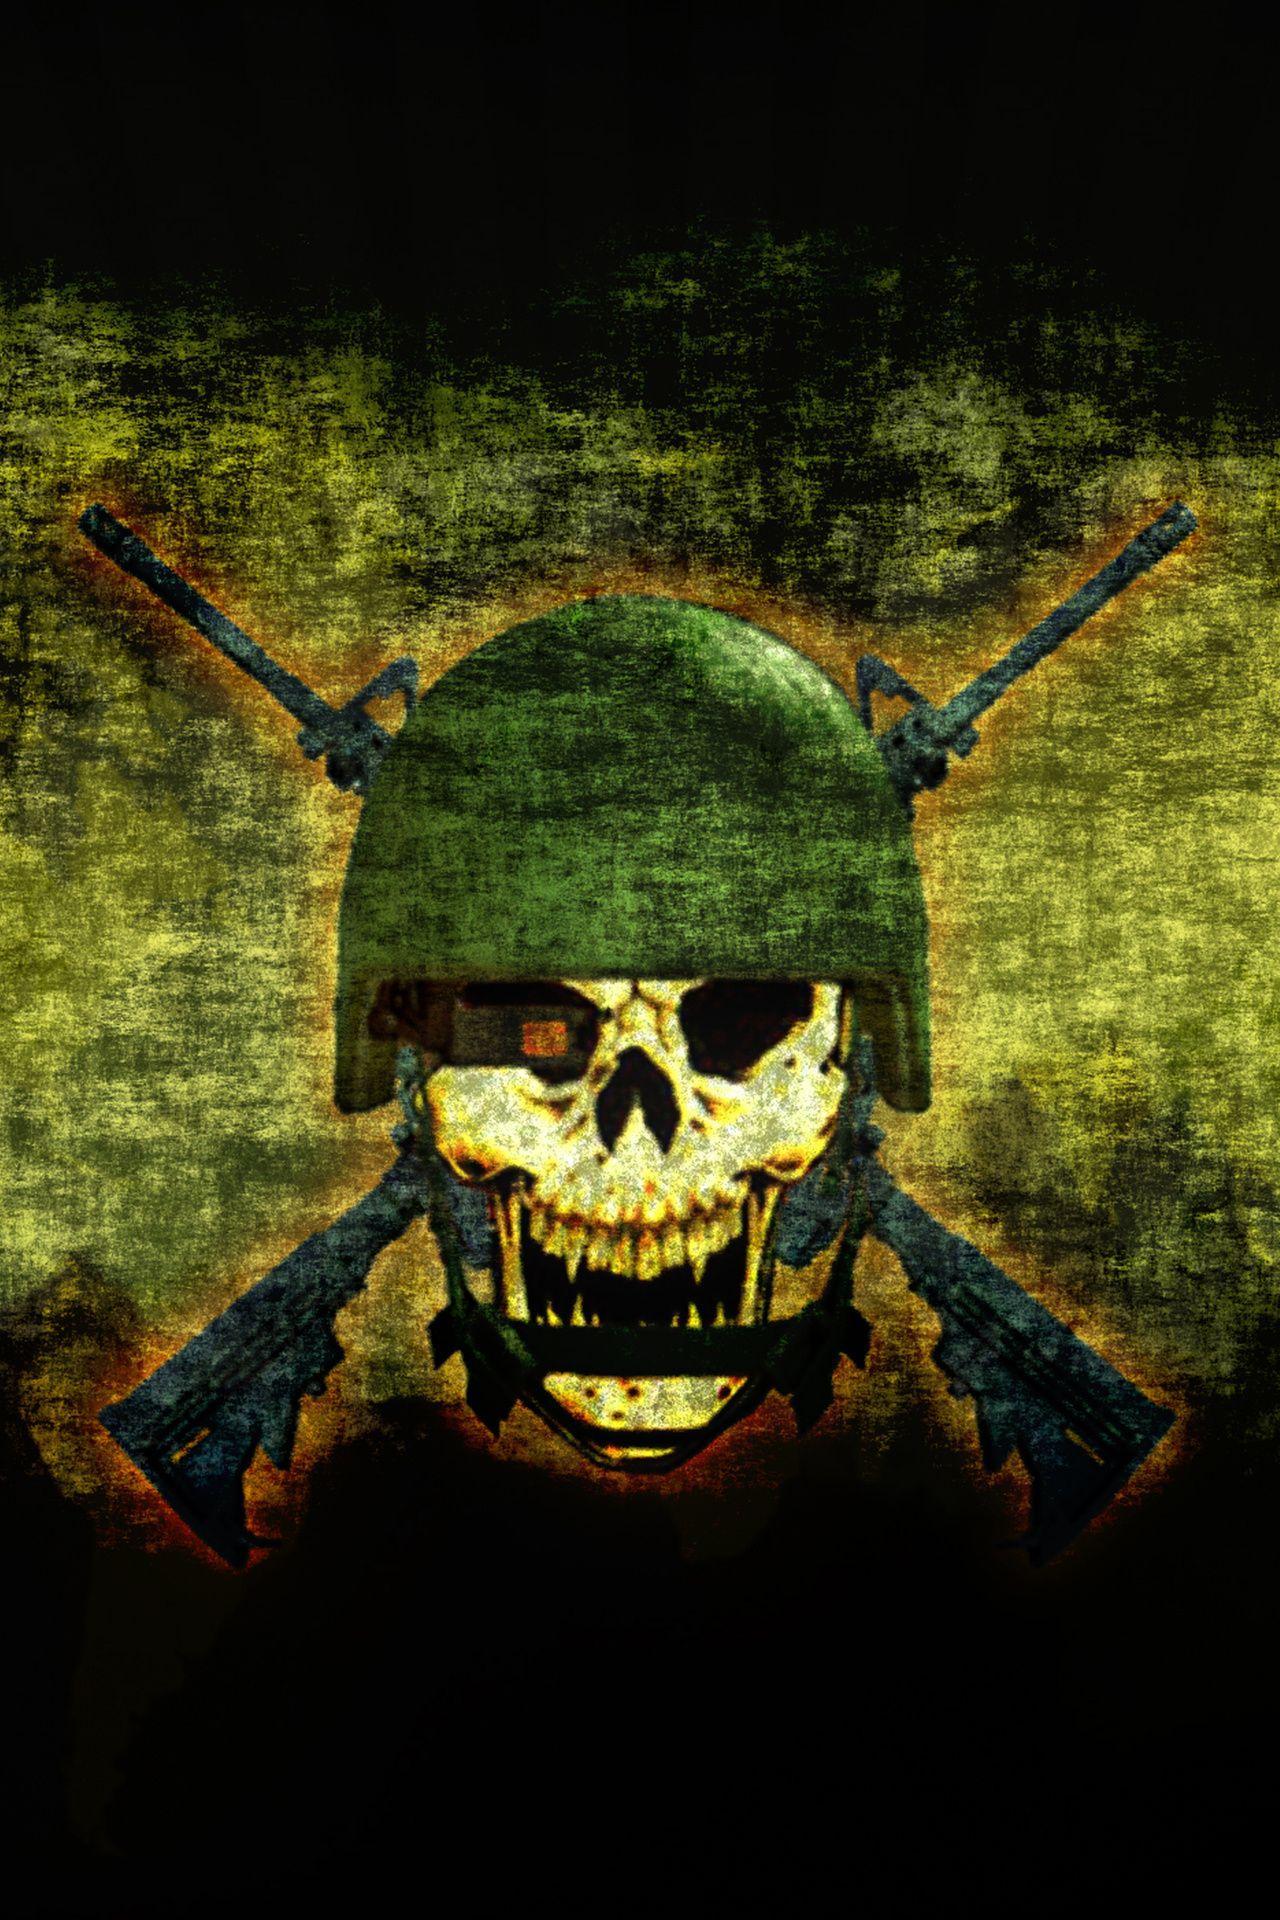 Army Skull Hd Wallpaper For Mobile | kadada org